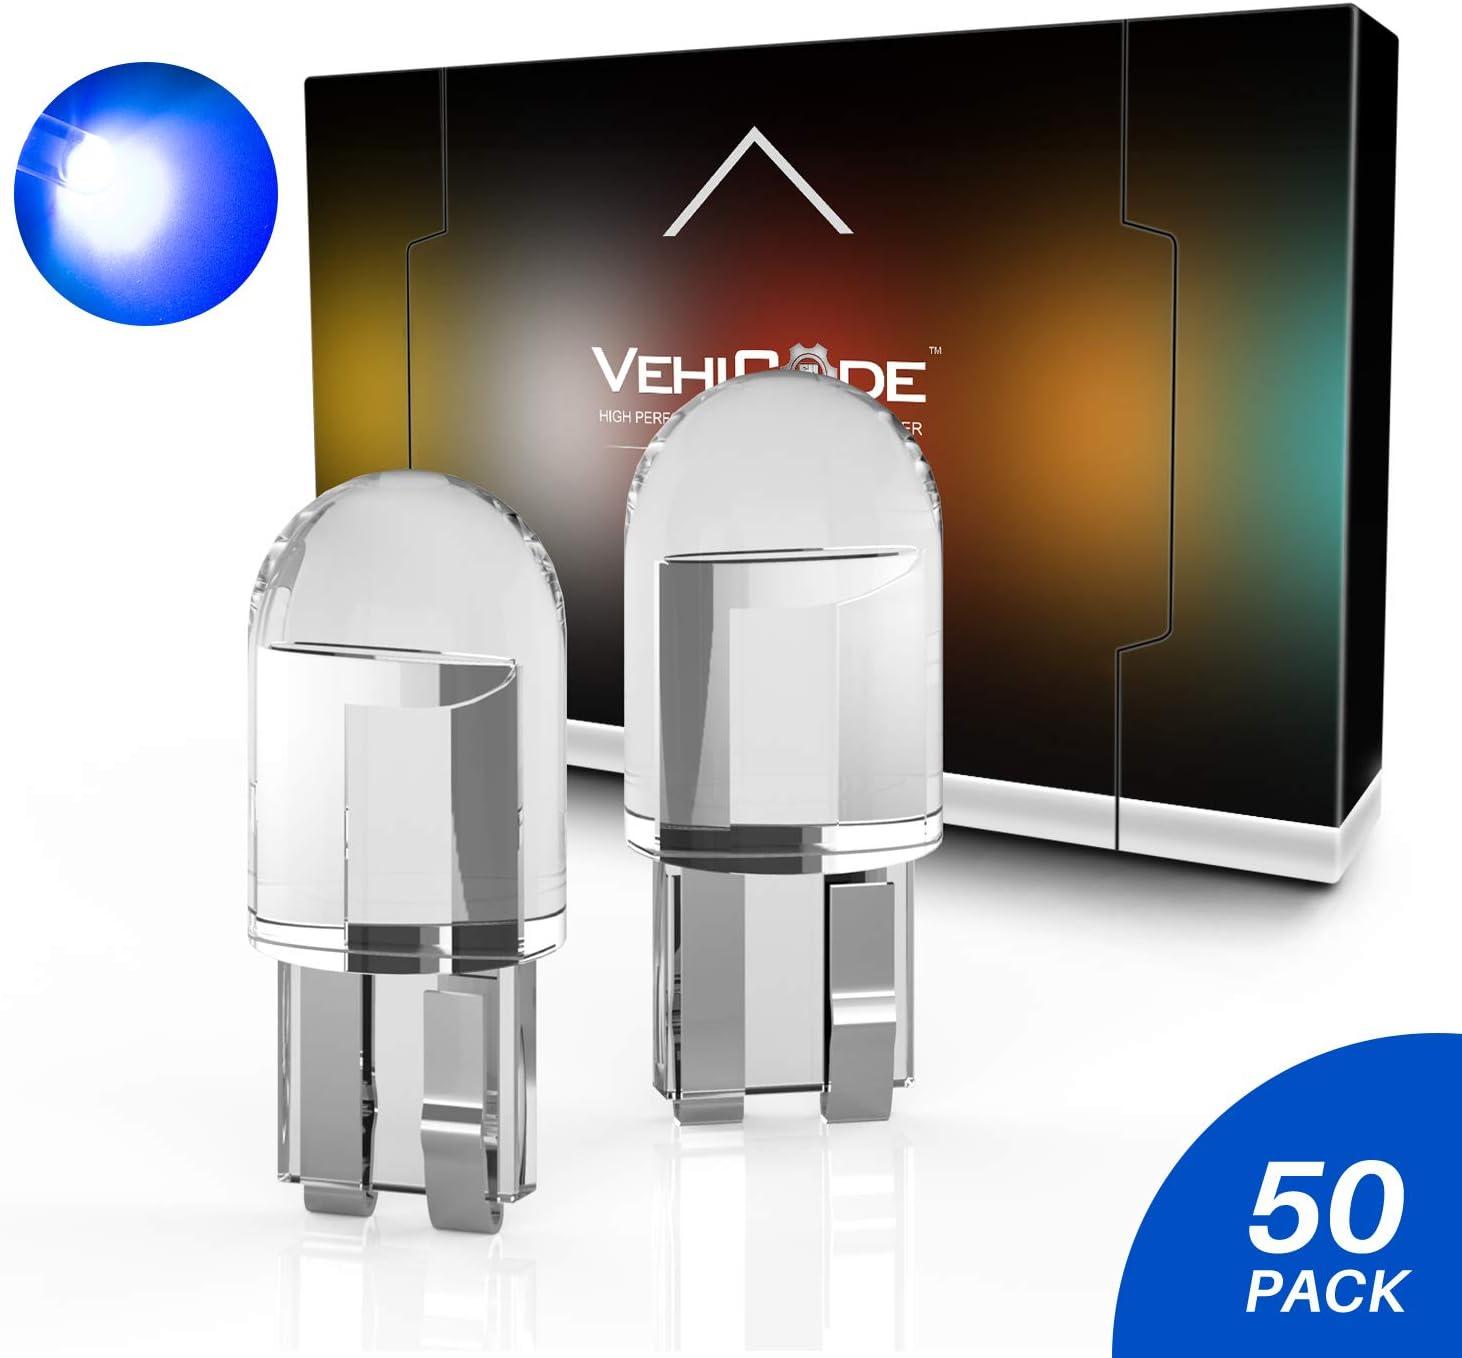 VehiCode 194 168 2825 2827 W5W T10 Wedge LED Bulb Blue 158 160 161 192 Mini Short 12V Lamp for Car Map Dome Trunk License Plate Tag Gauge Dash Panel Parking Marker Outdoor Landscape Light (50 Pack)